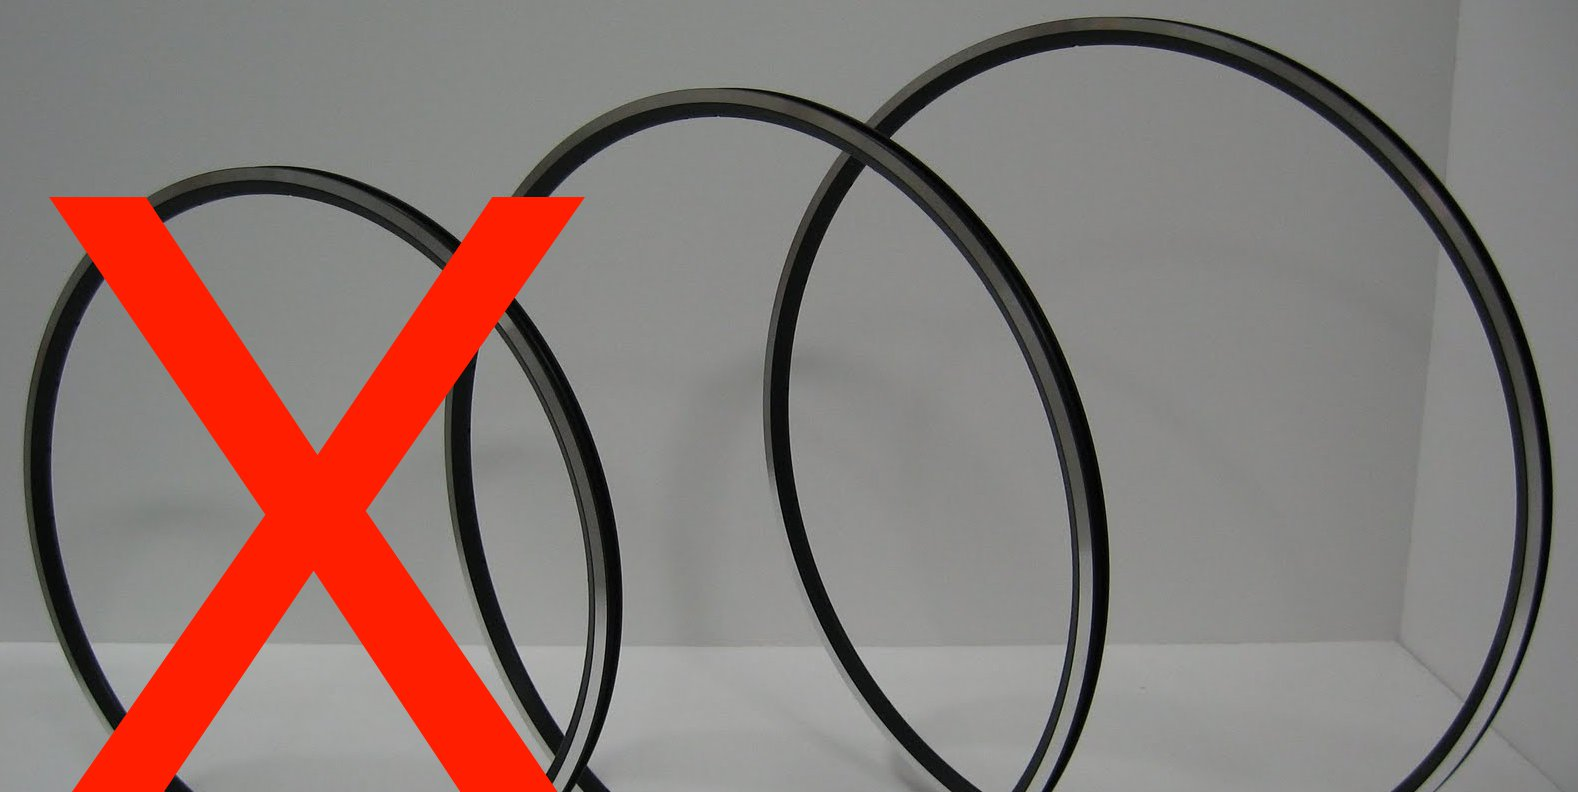 26_650b_29_wheels_2